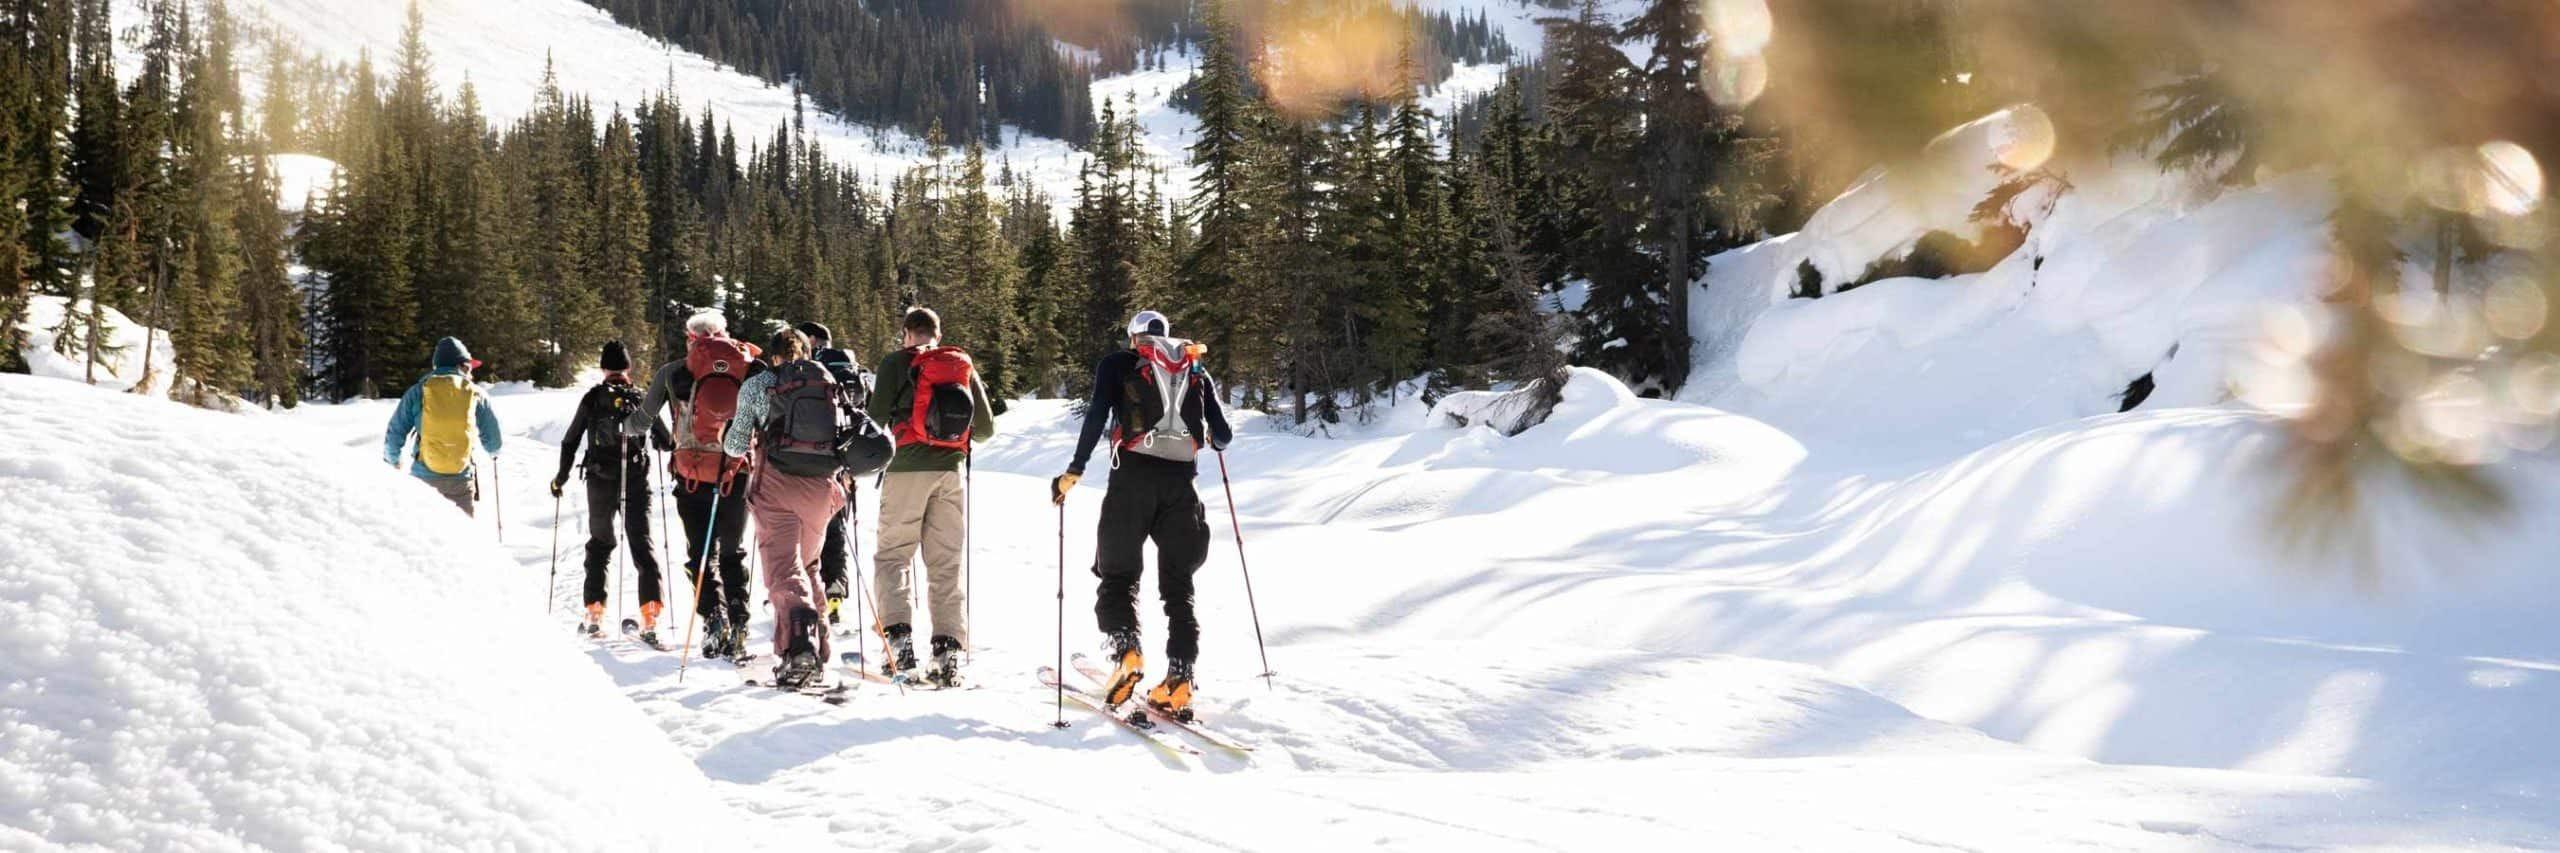 Altitude Sports au Col-Rogers avec Smartwool: une aventure façonnée par les changements climatiques